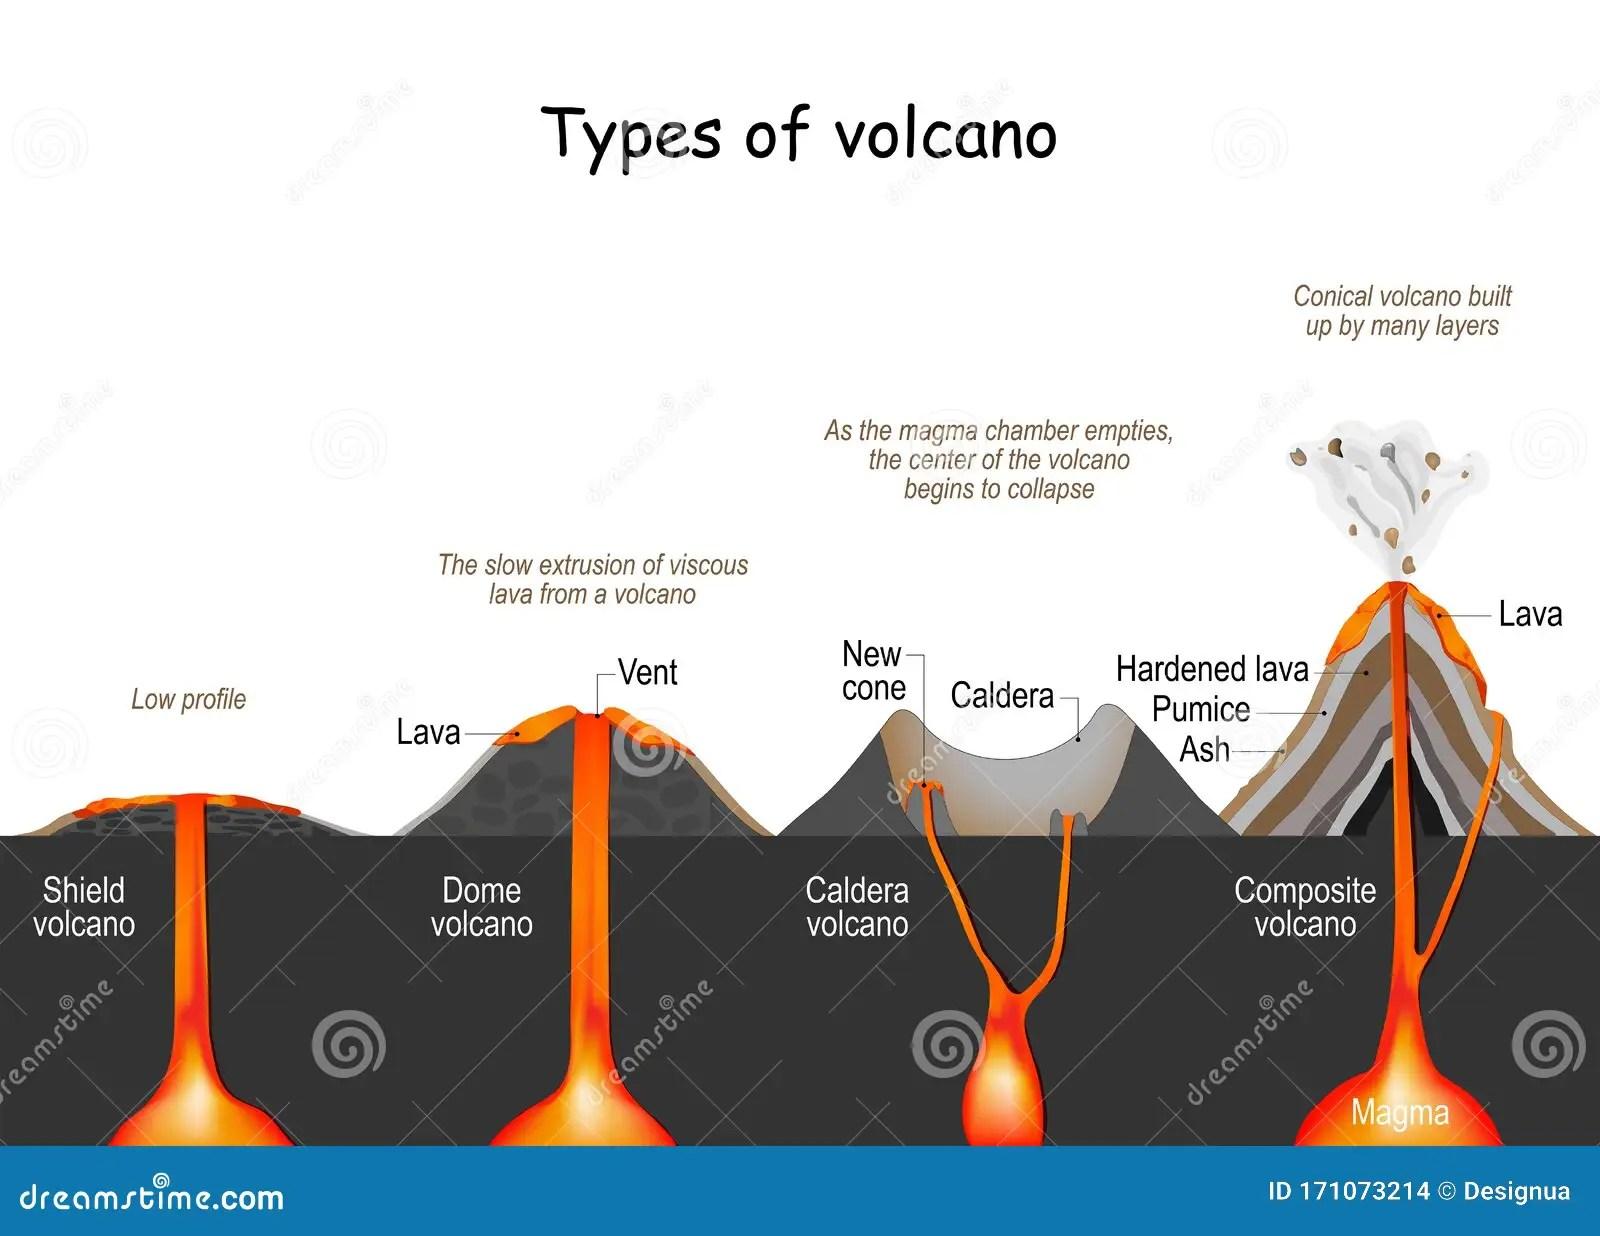 Volcano Type Shield Dome Composite And Caldera Stock